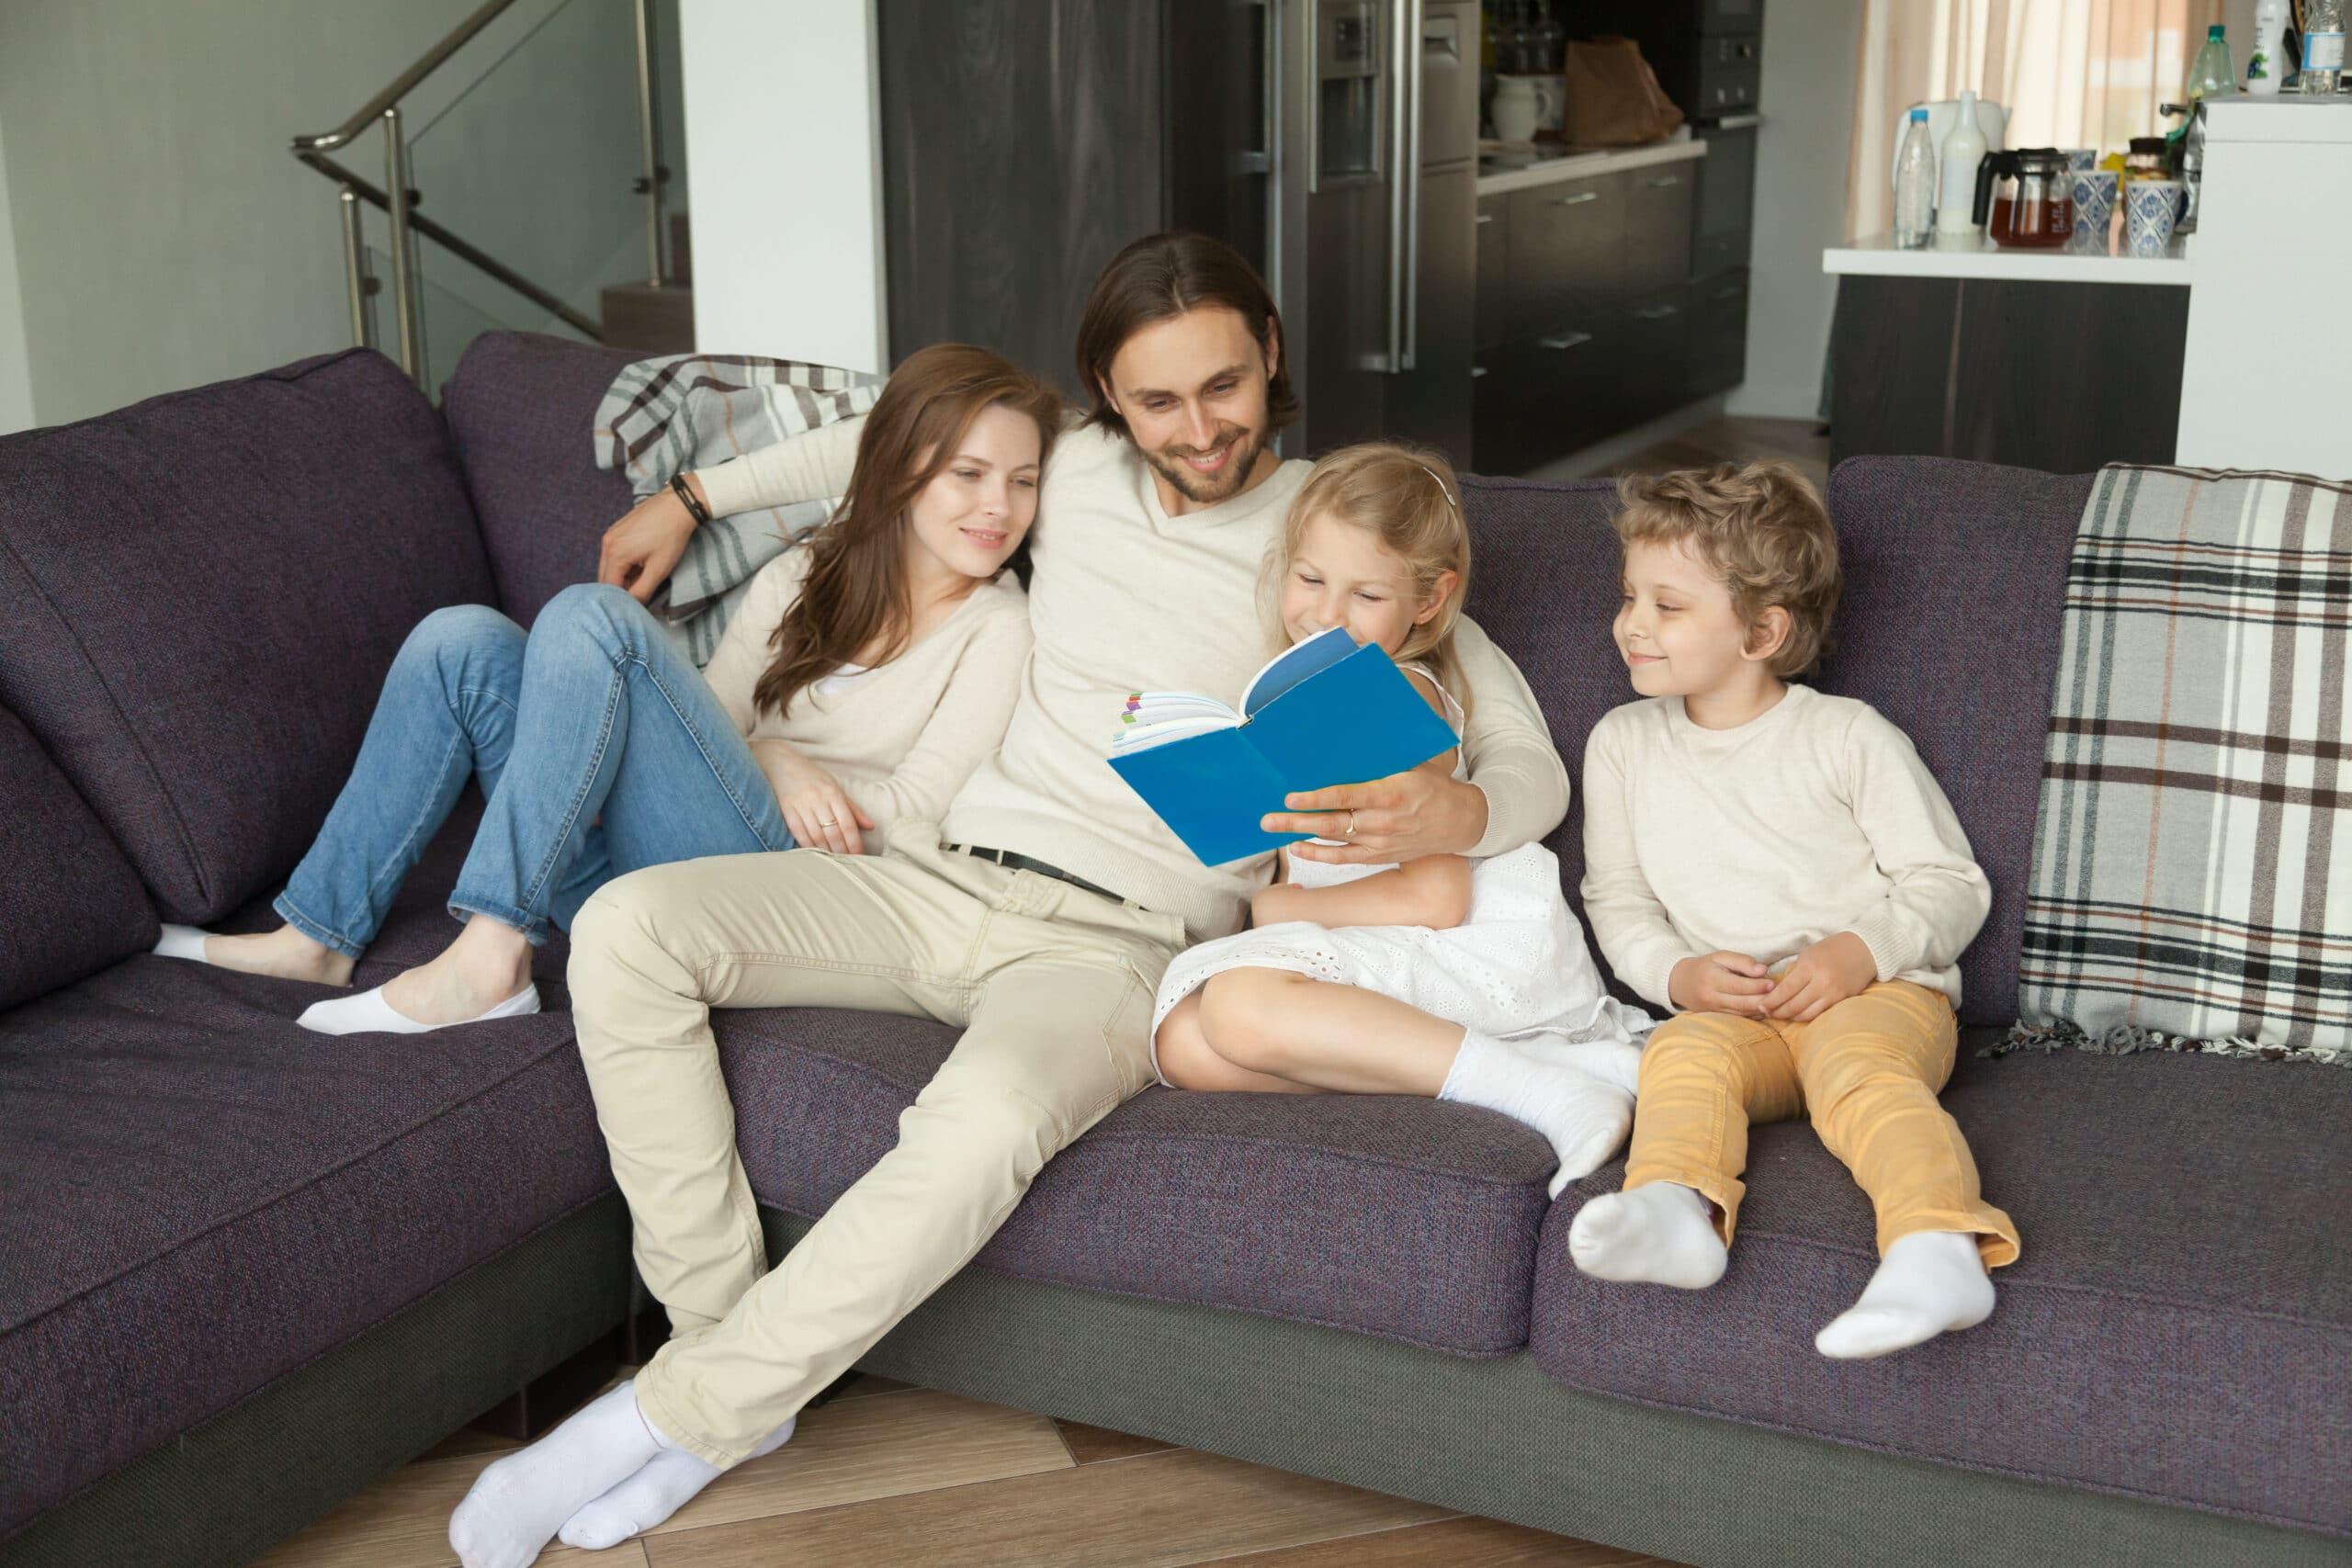 Família composta por pai, mãe, um menino e uma menina, sentados em um sofá lendo um livro.